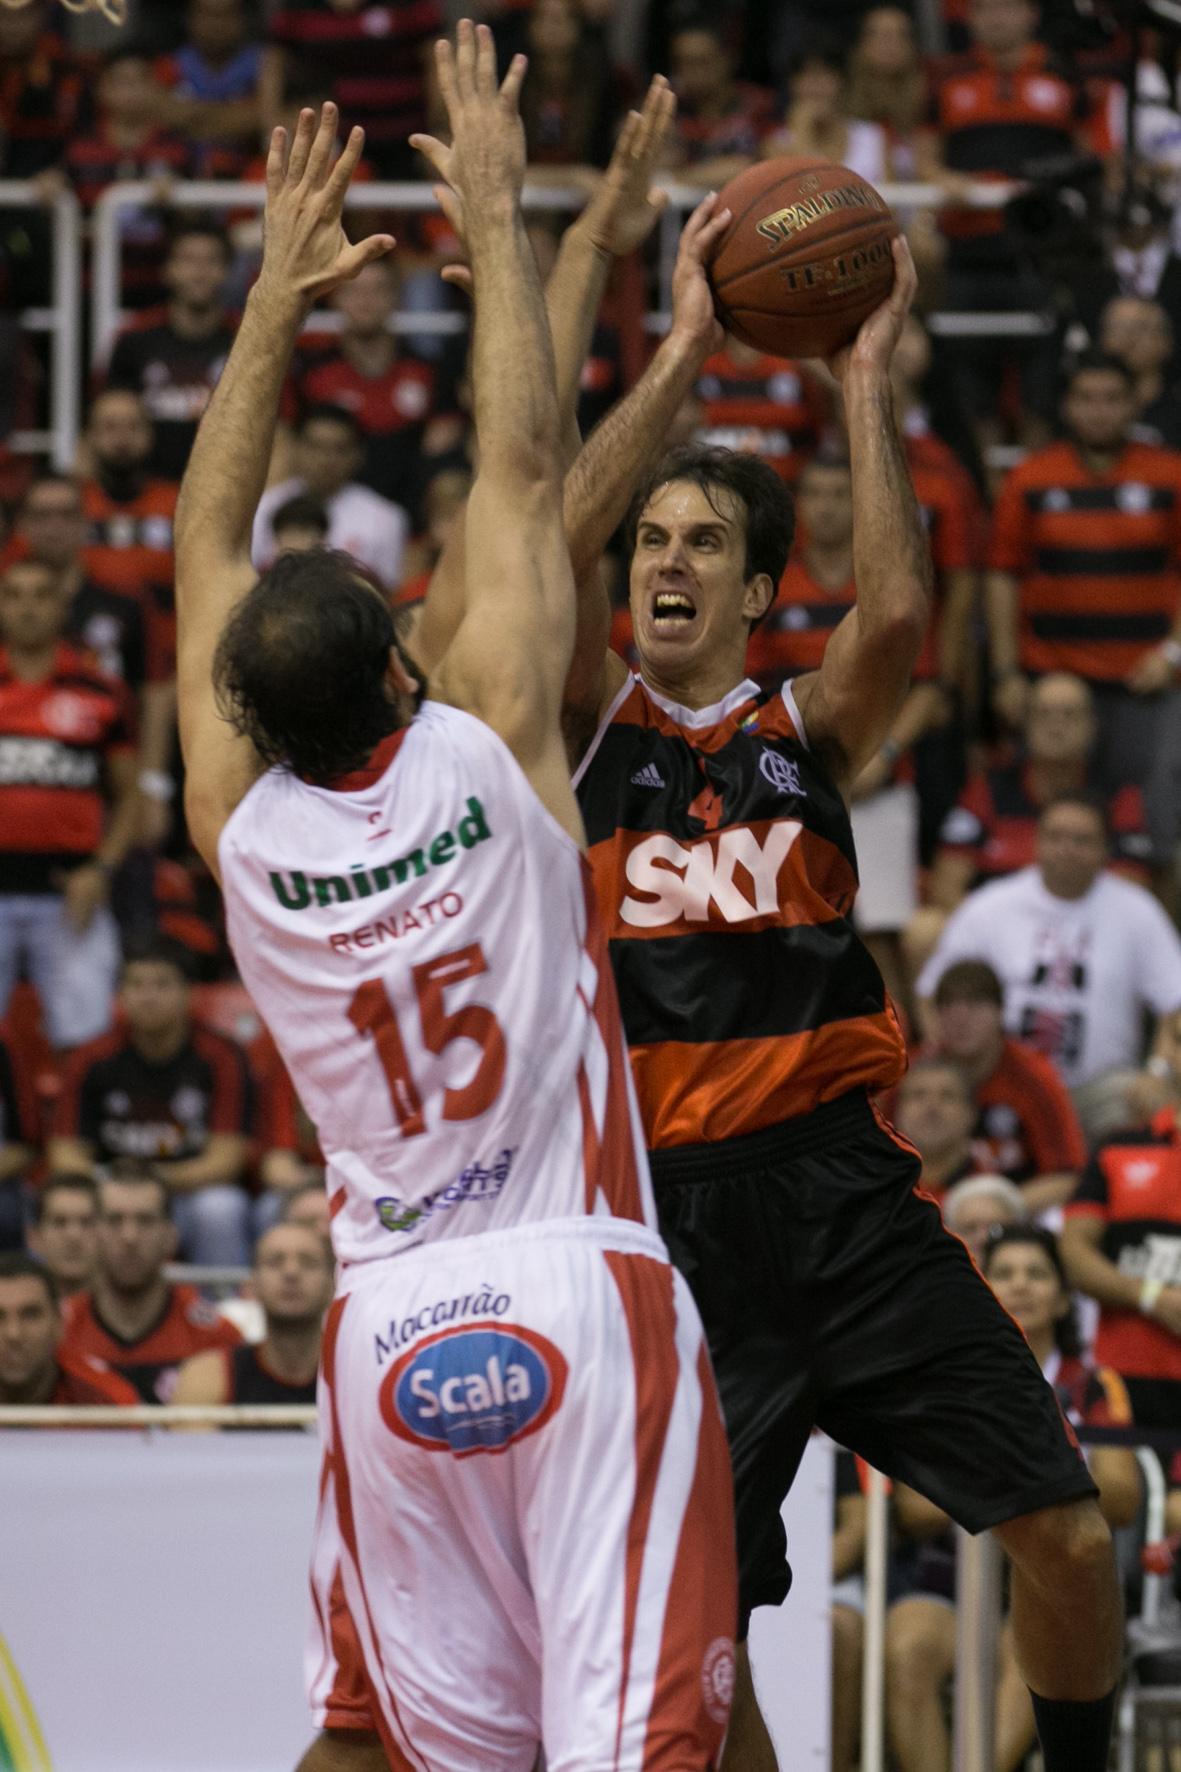 Renato, do Paulistano, e Marcelinho, do Flamengo (Luiz Pires/LNB)